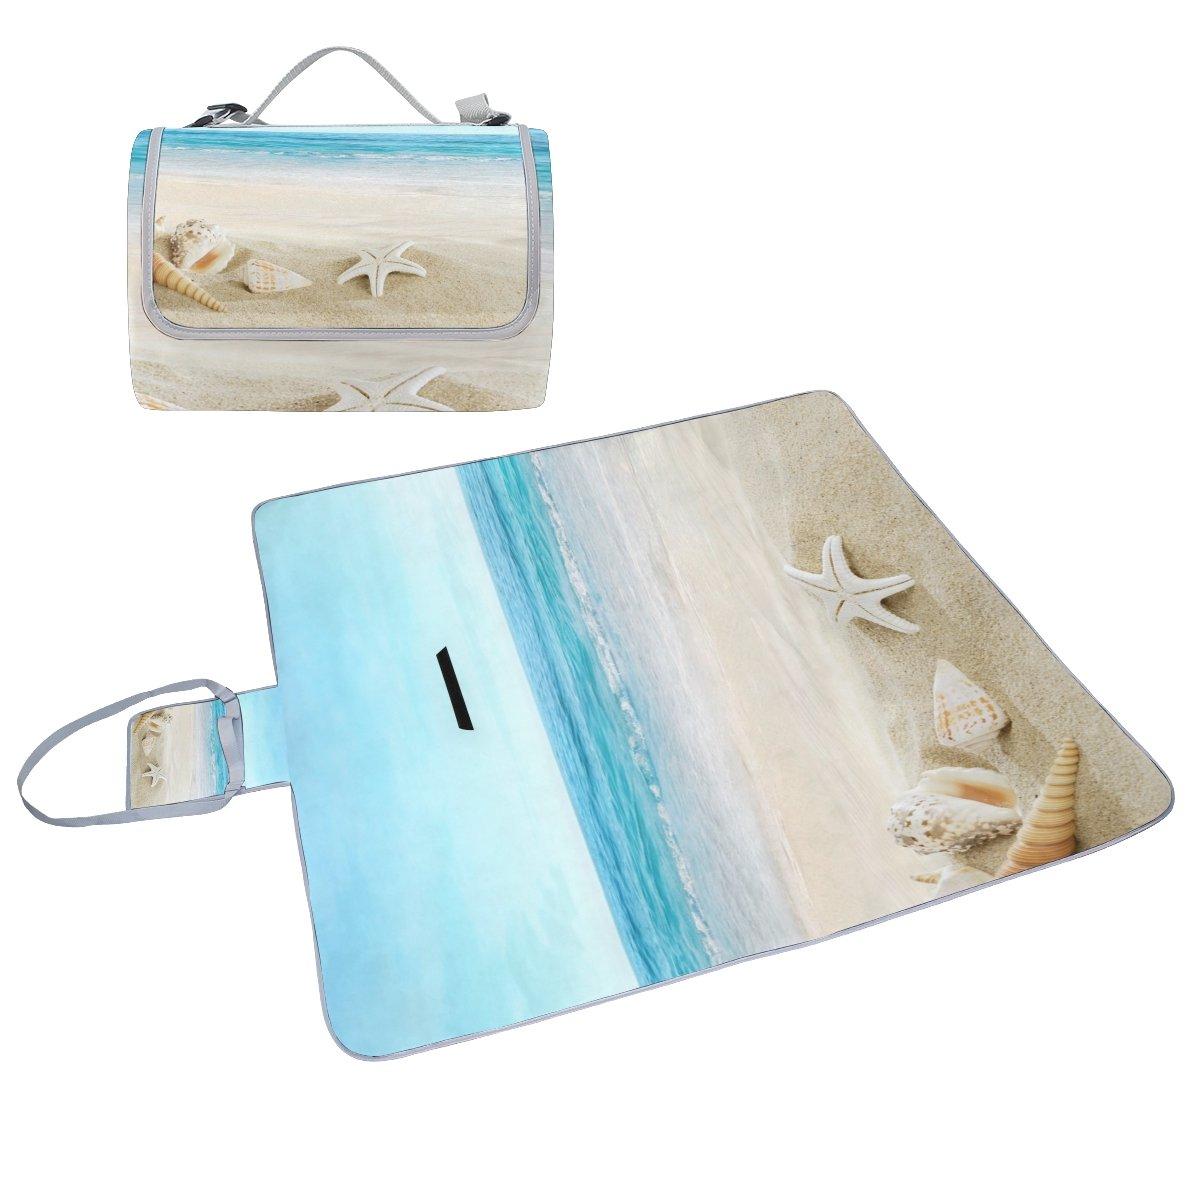 COOSUN - Manta de diseño picnic con diseño de de paisaje con conchas, práctica alfombrilla resistente al moho y resistente al agua para picnics, playas, senderismo, viajes, viajes y excursiones d12941